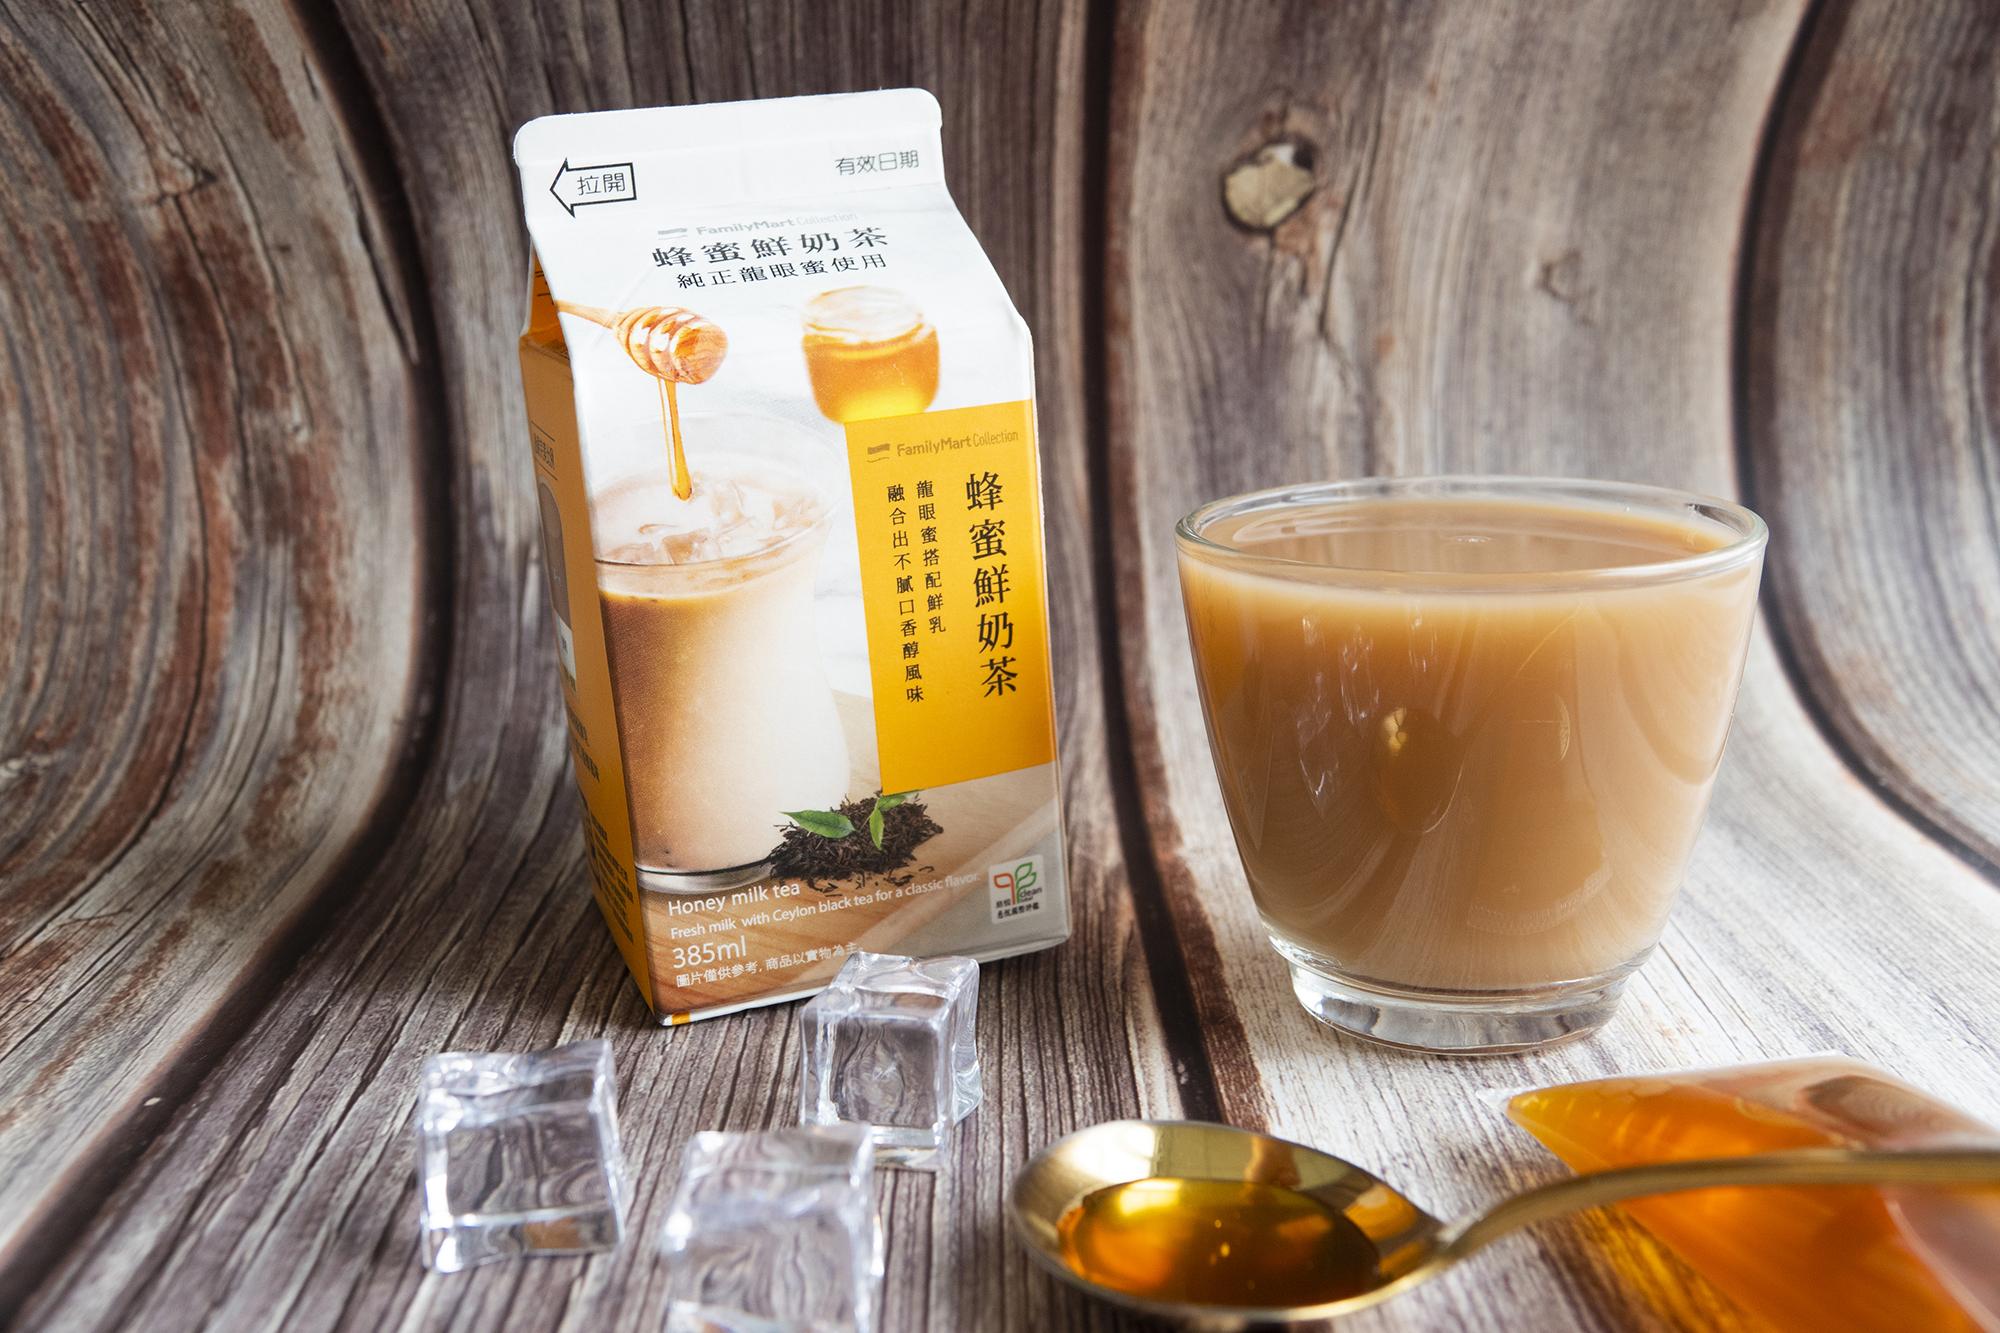 【開箱】快來搶喝一波!7-11,全家話題飲品新上市 布丁奶茶,蜂蜜牛奶&鮮奶茶,水果汽水限量開賣 -- 上報 ...